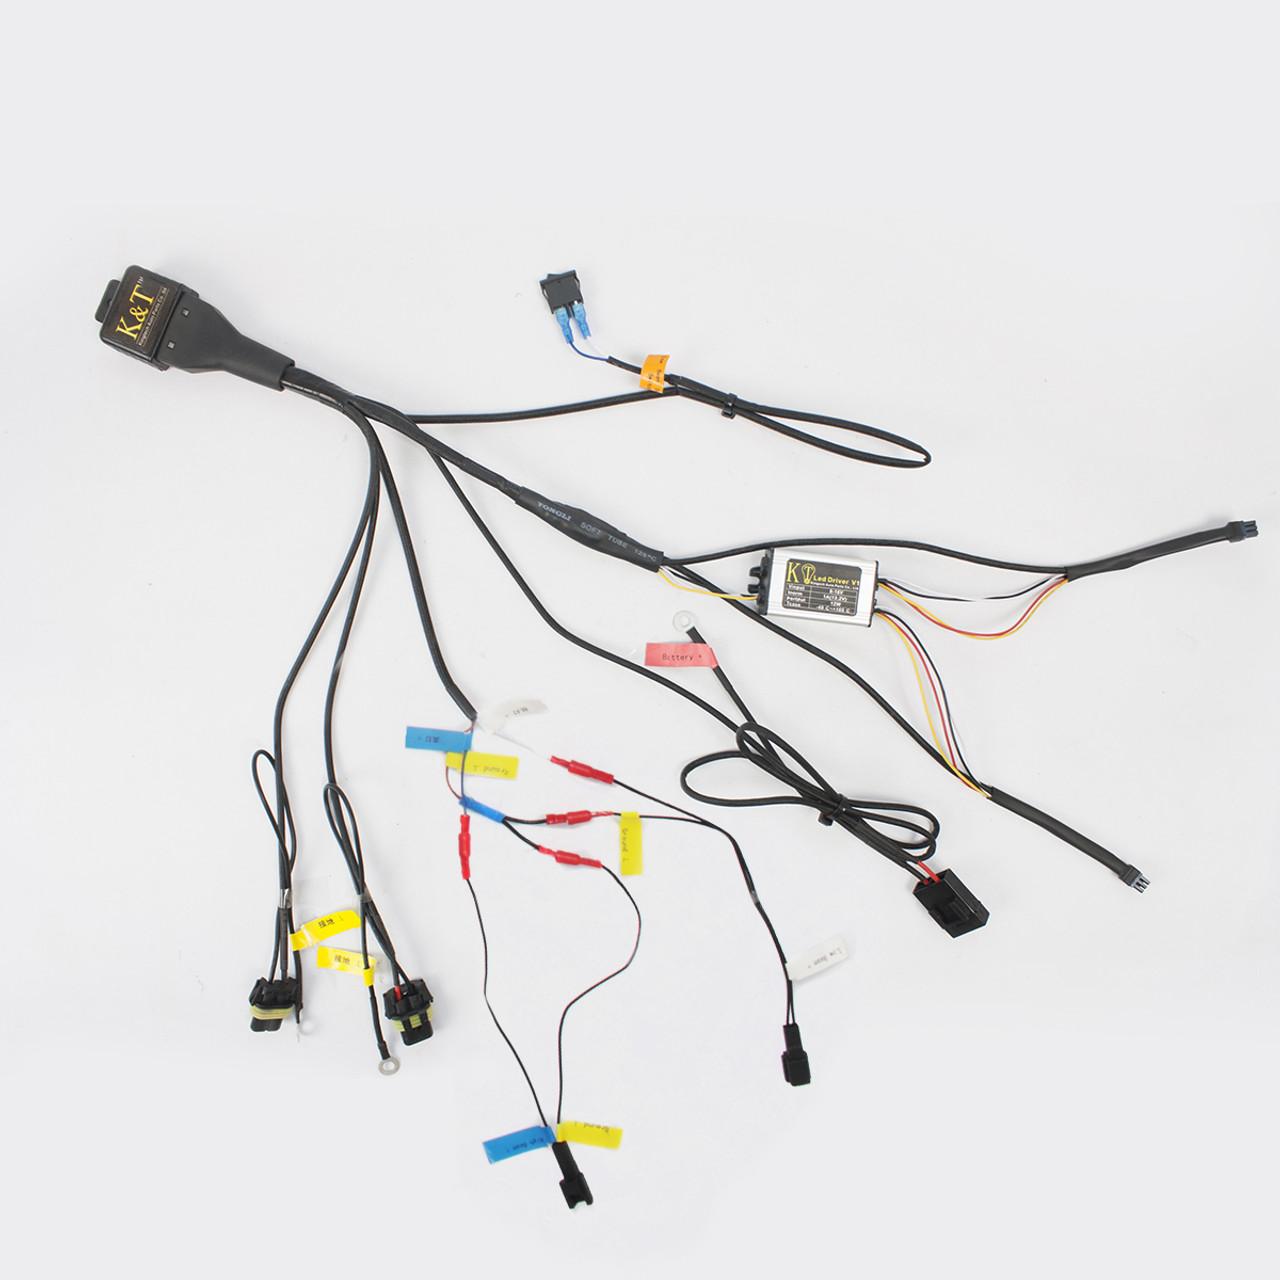 medium resolution of tailor made relay wiring harness for kt kawasaki custom headlight